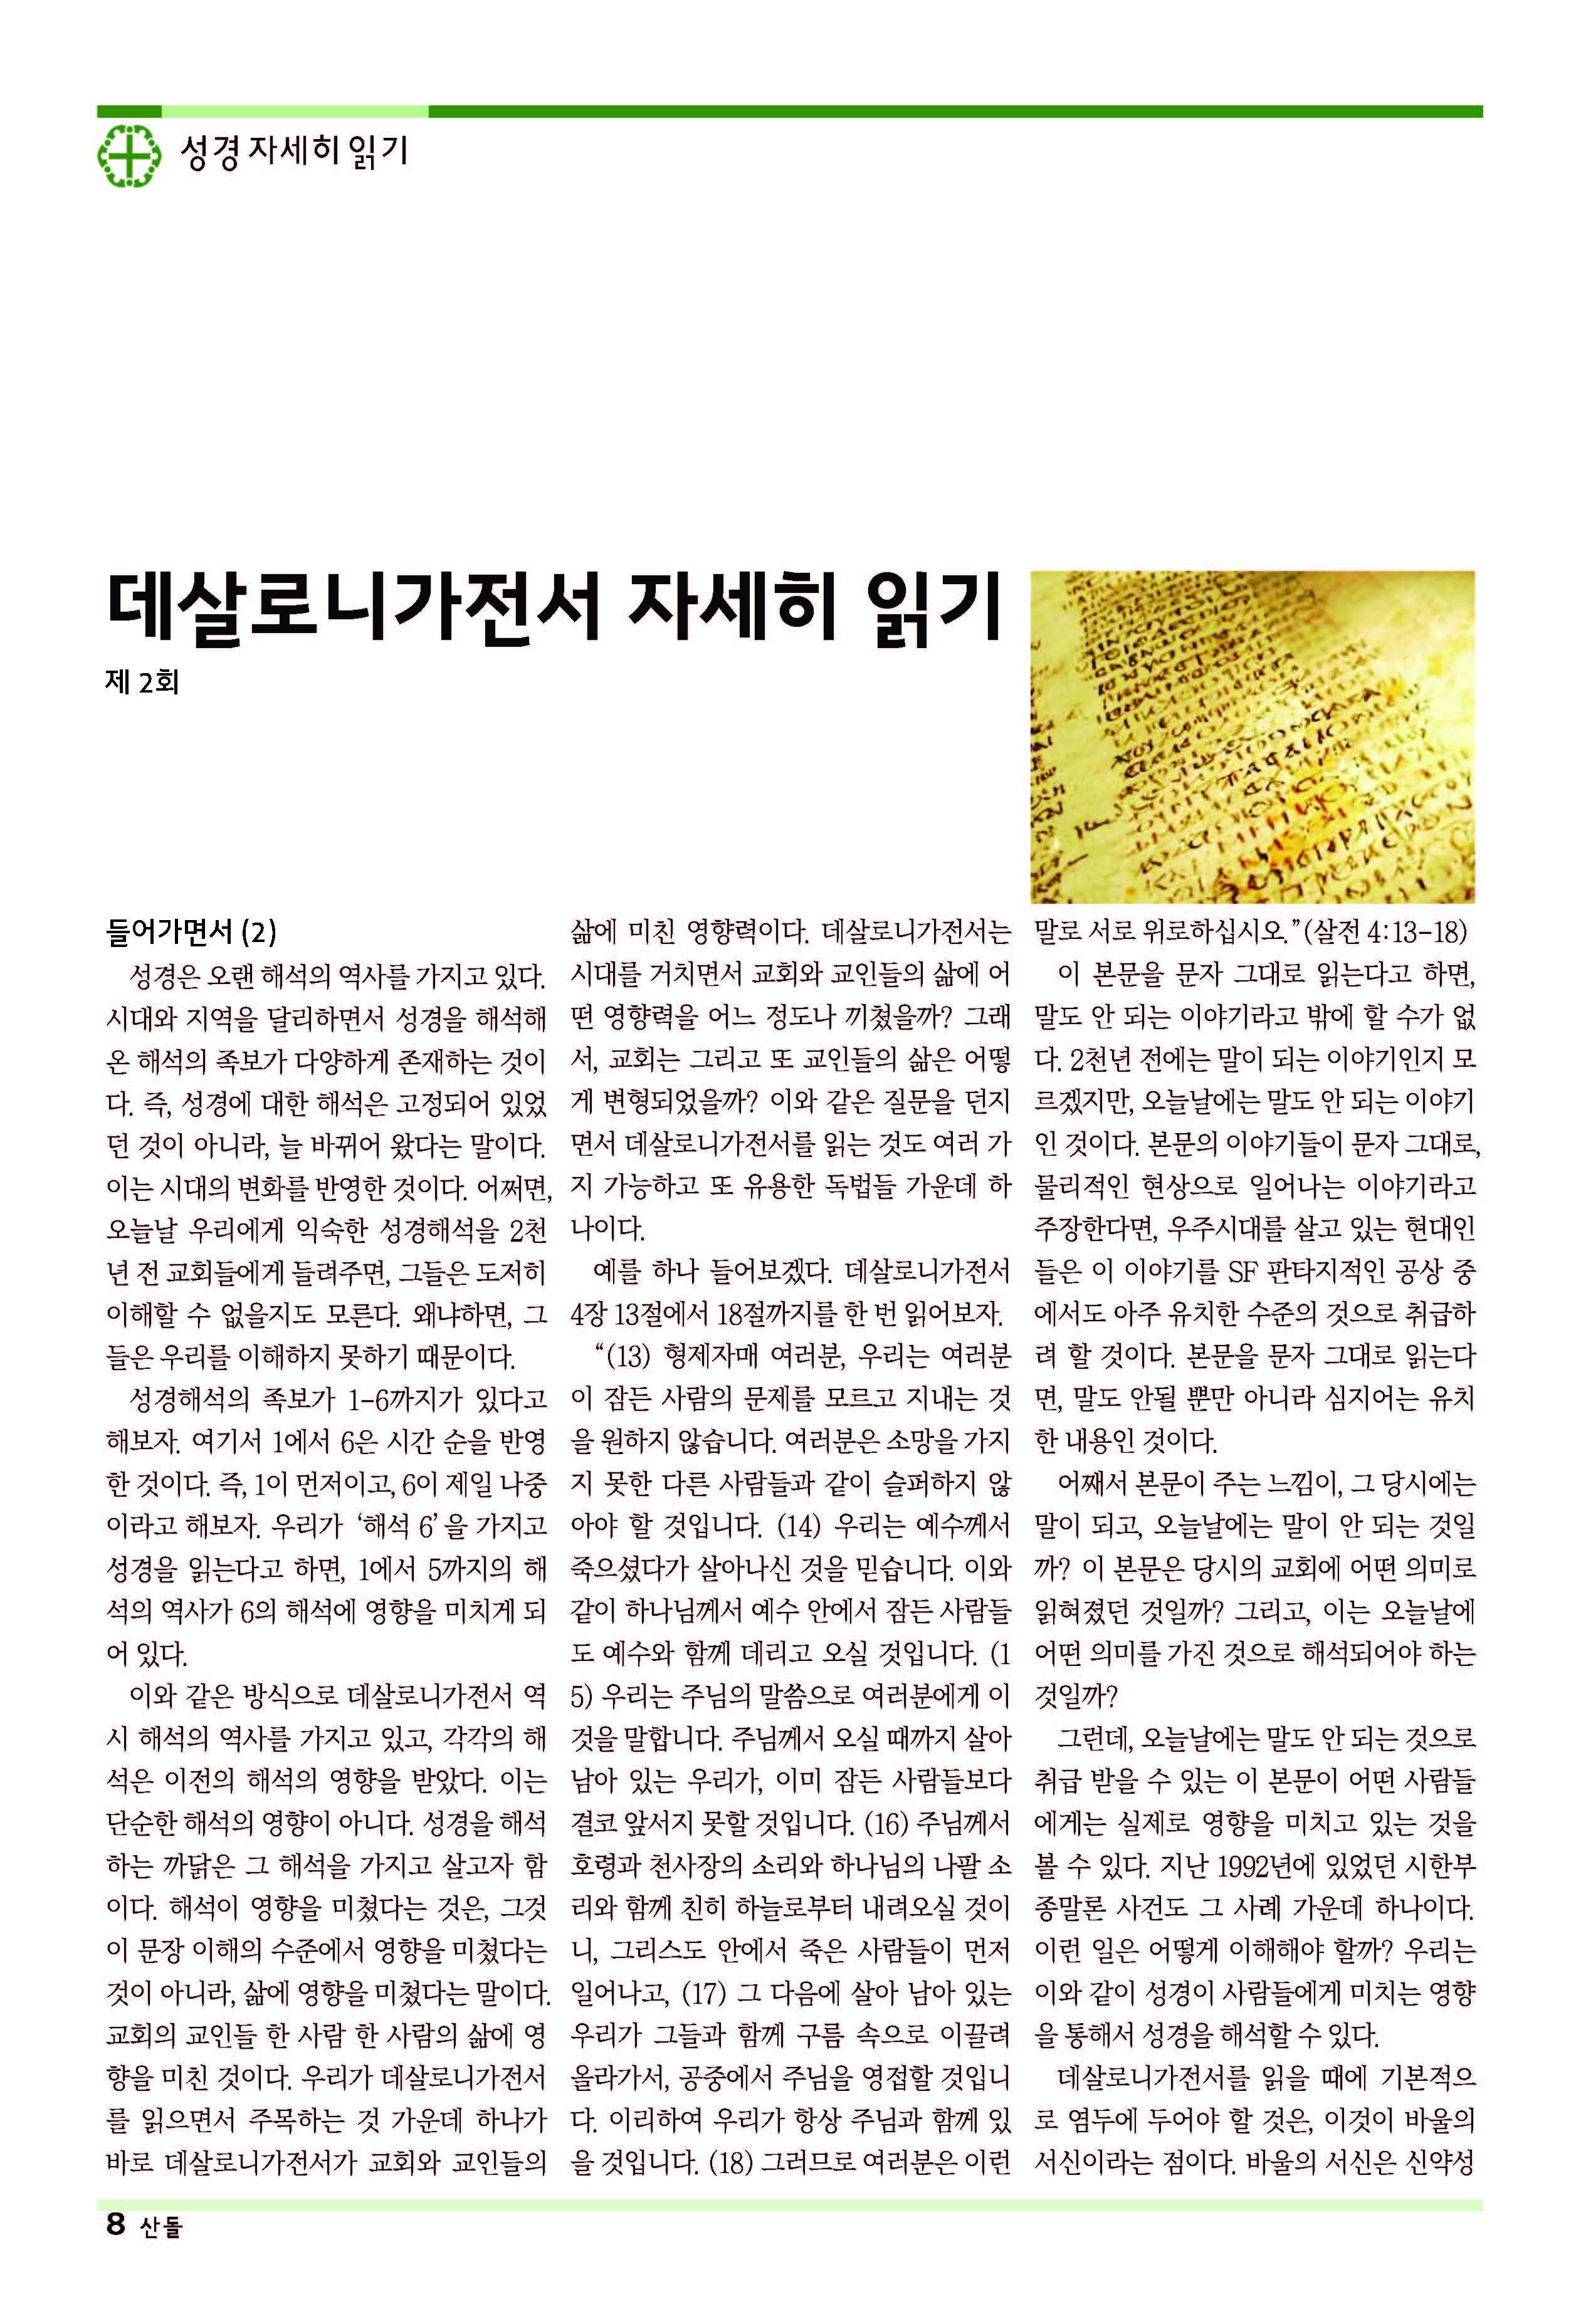 14sdjb0112-8.jpg